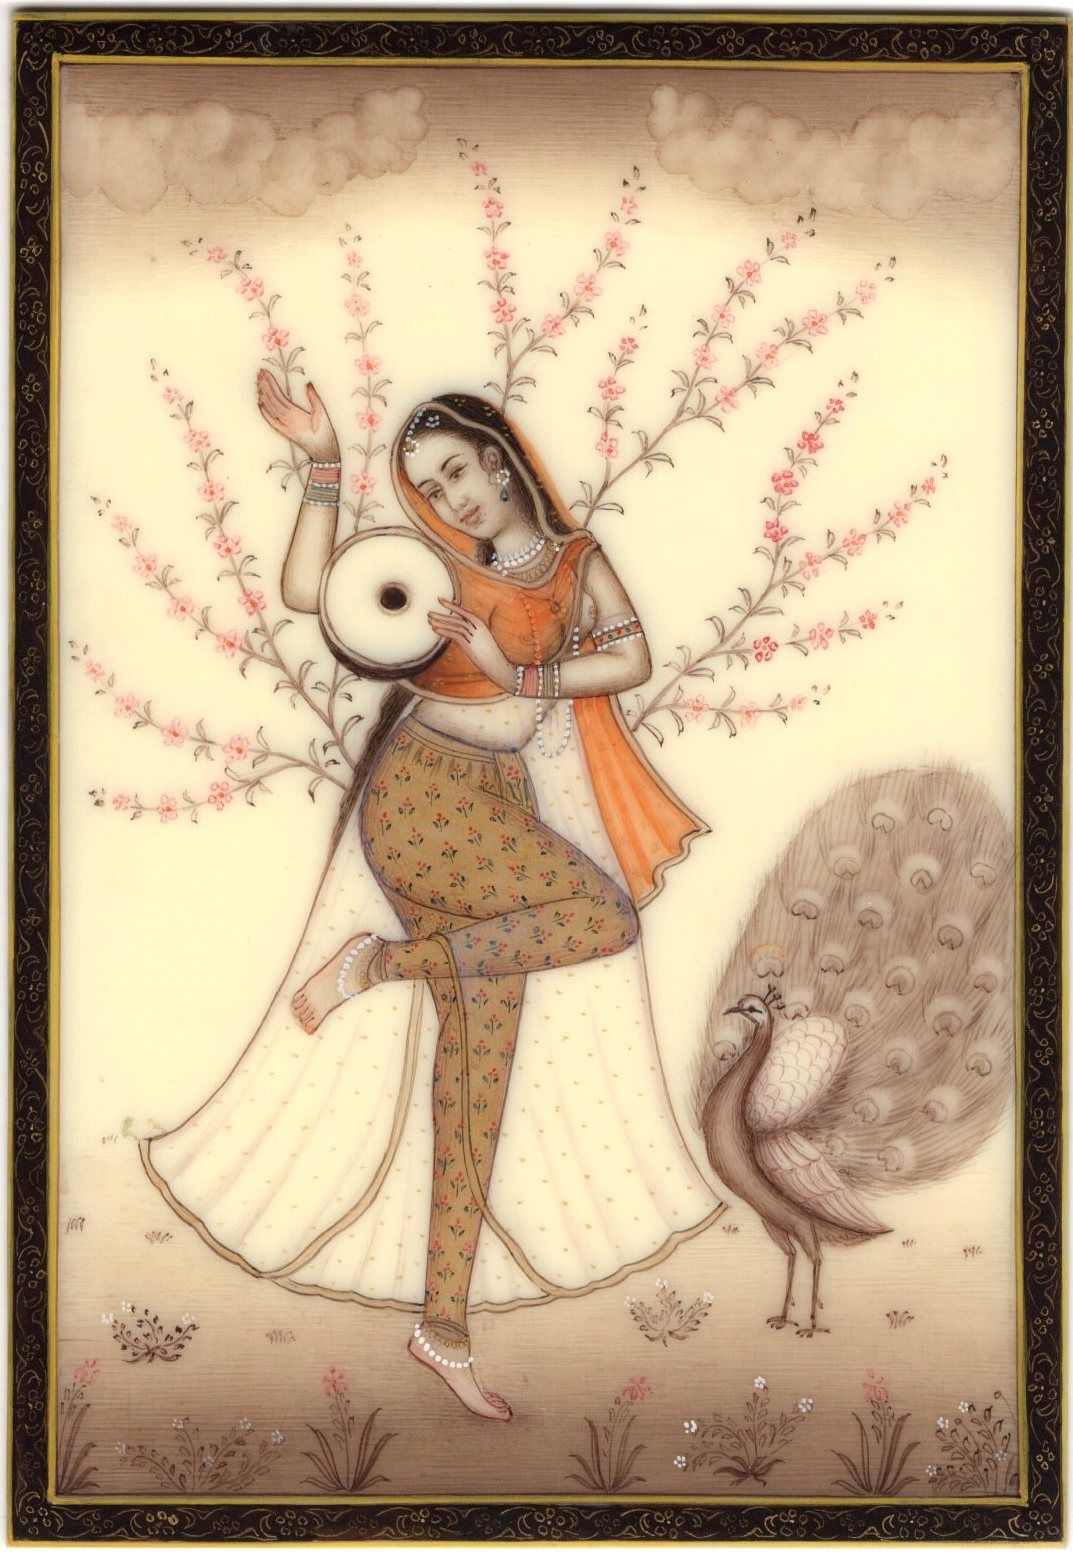 Ragini Ragamala Painting Indian Rajasthan Miniature Handmade Folk